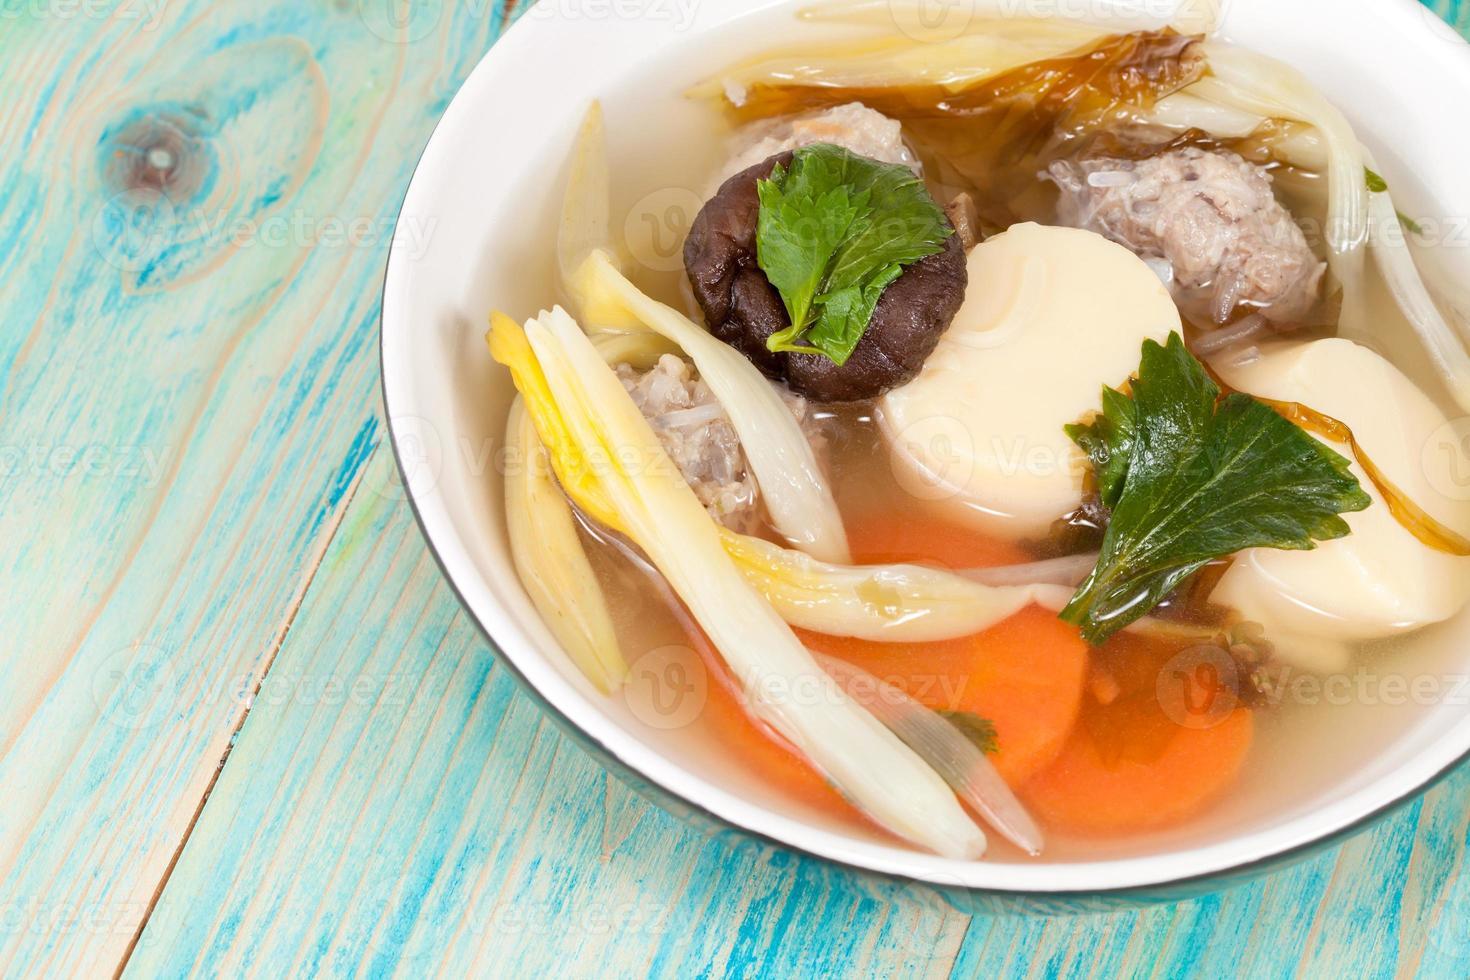 soupe légèrement assaisonnée composée de porc, de tofu, photo